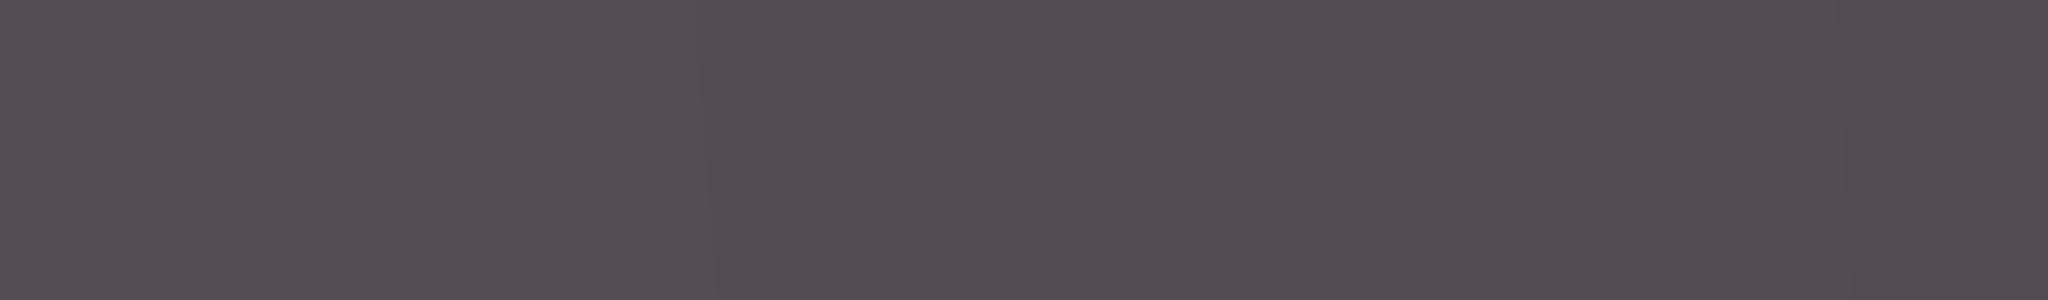 HU 172077 ABS hrana šedá hladká lesk 90°